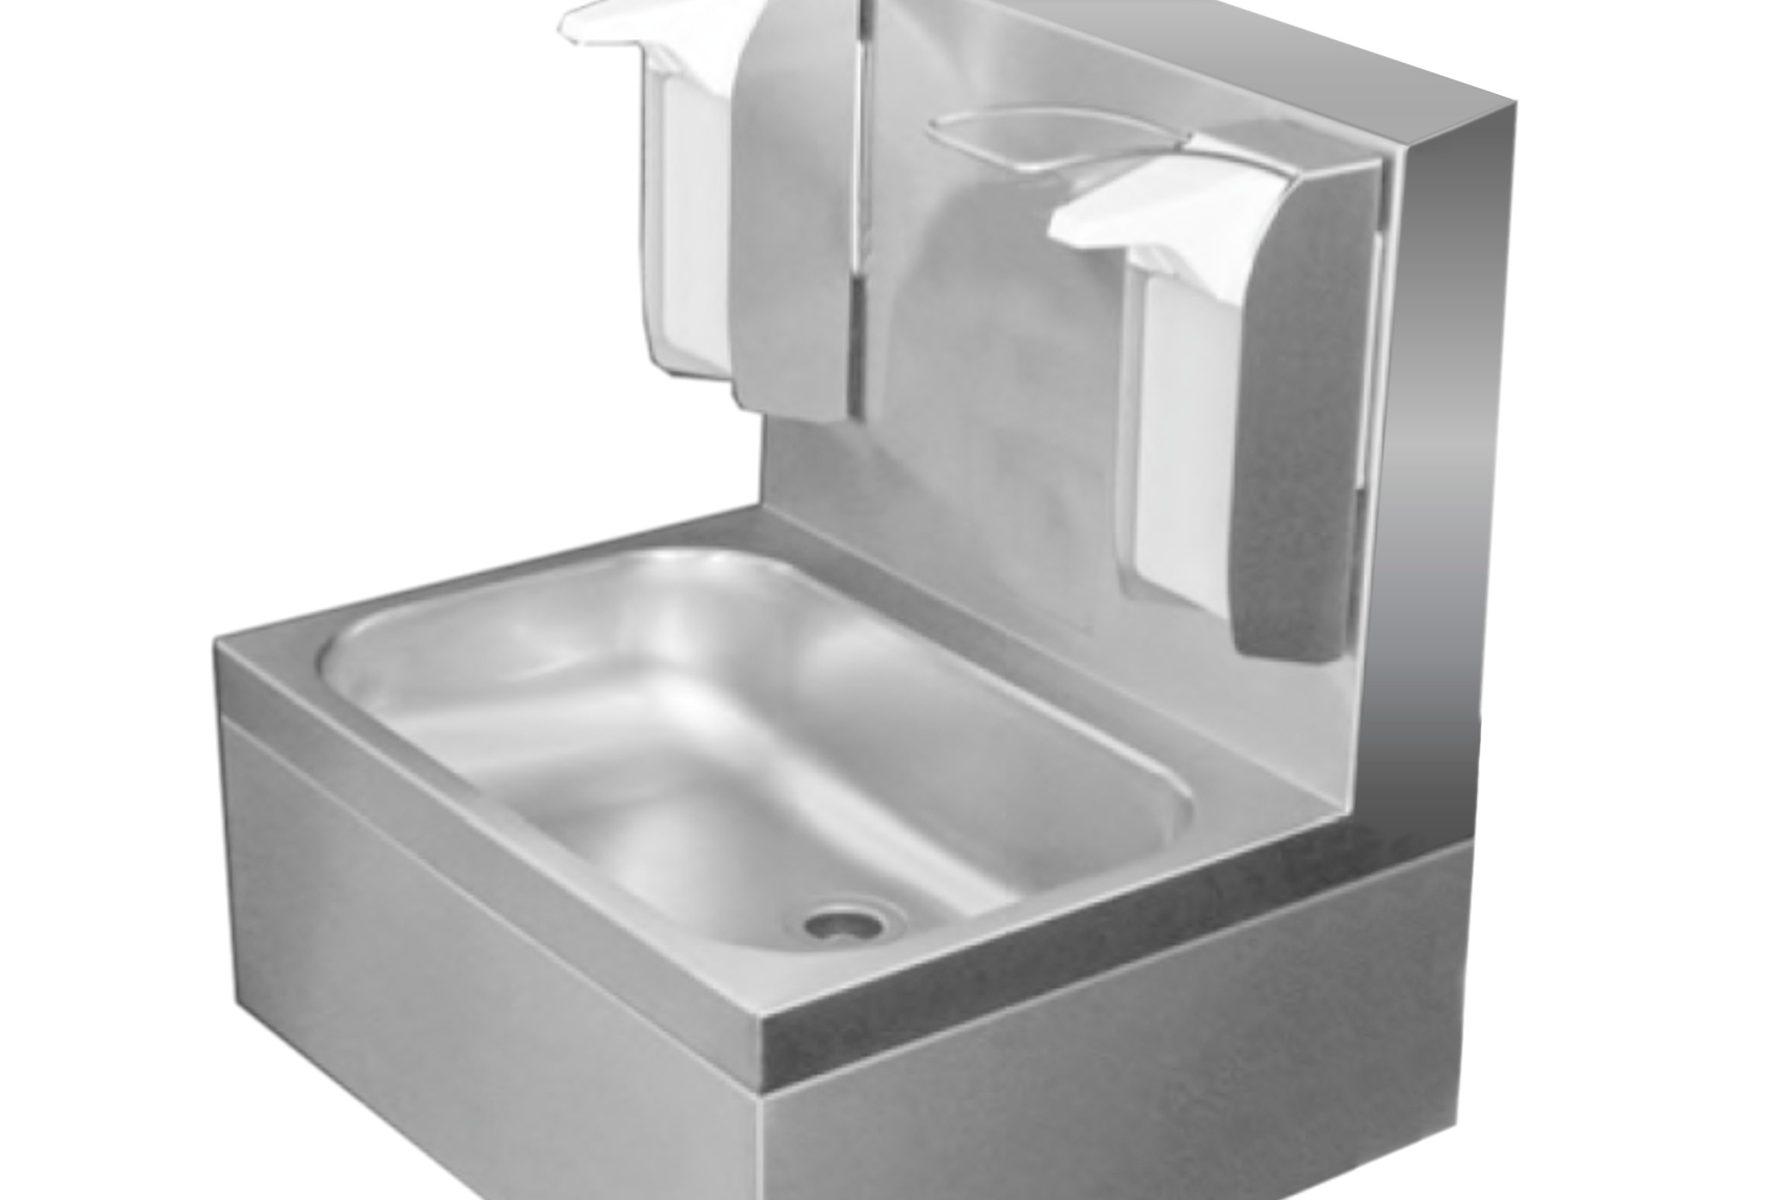 Edelstahl Waschtisch Hygiene 55 mit Rückwand 20 mm